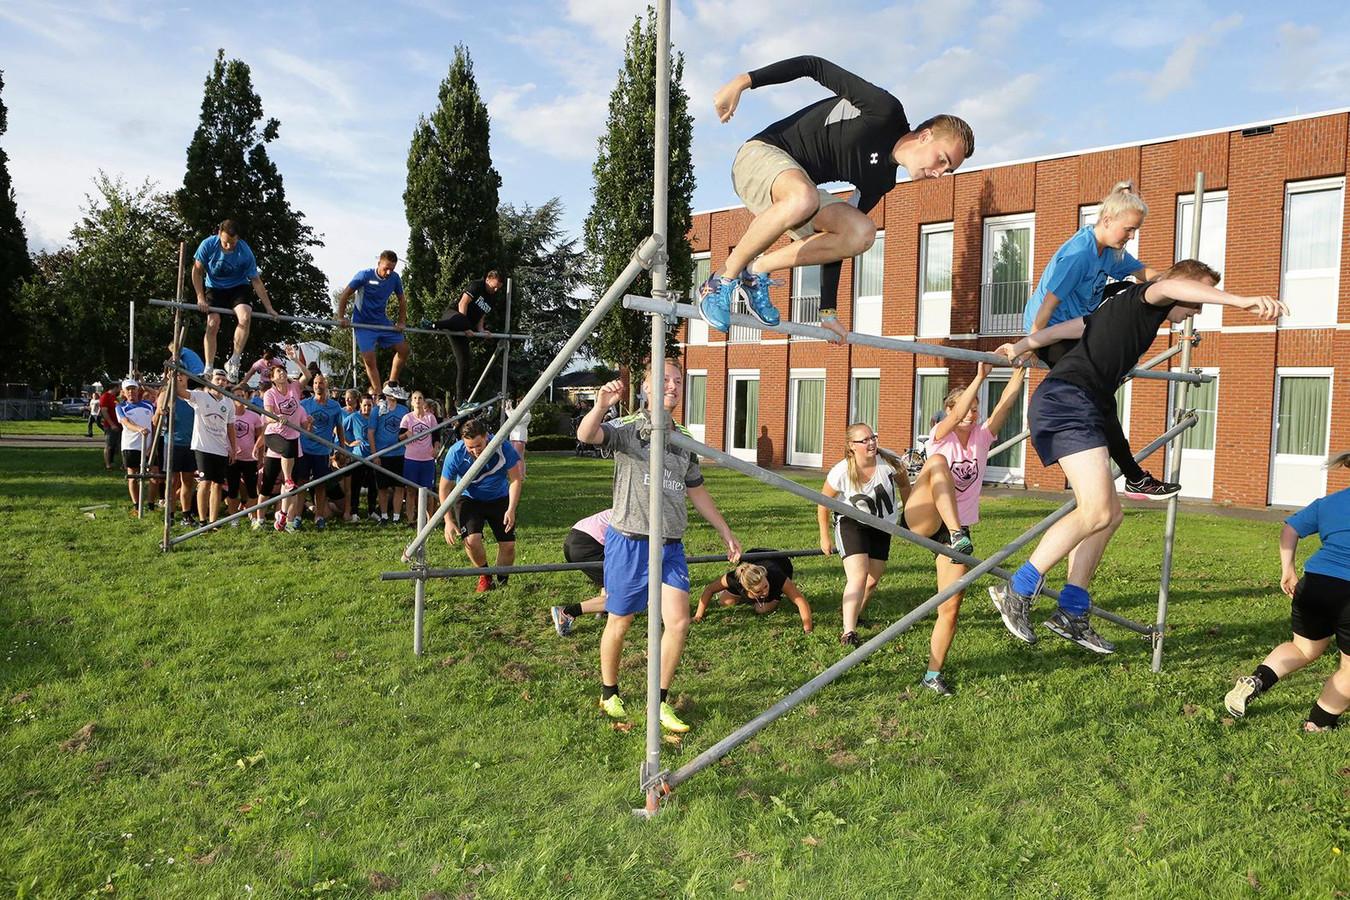 Deelnemers aan een eerdere editie van de Alm Masters, de hindernisrace dwars door Almkerk.